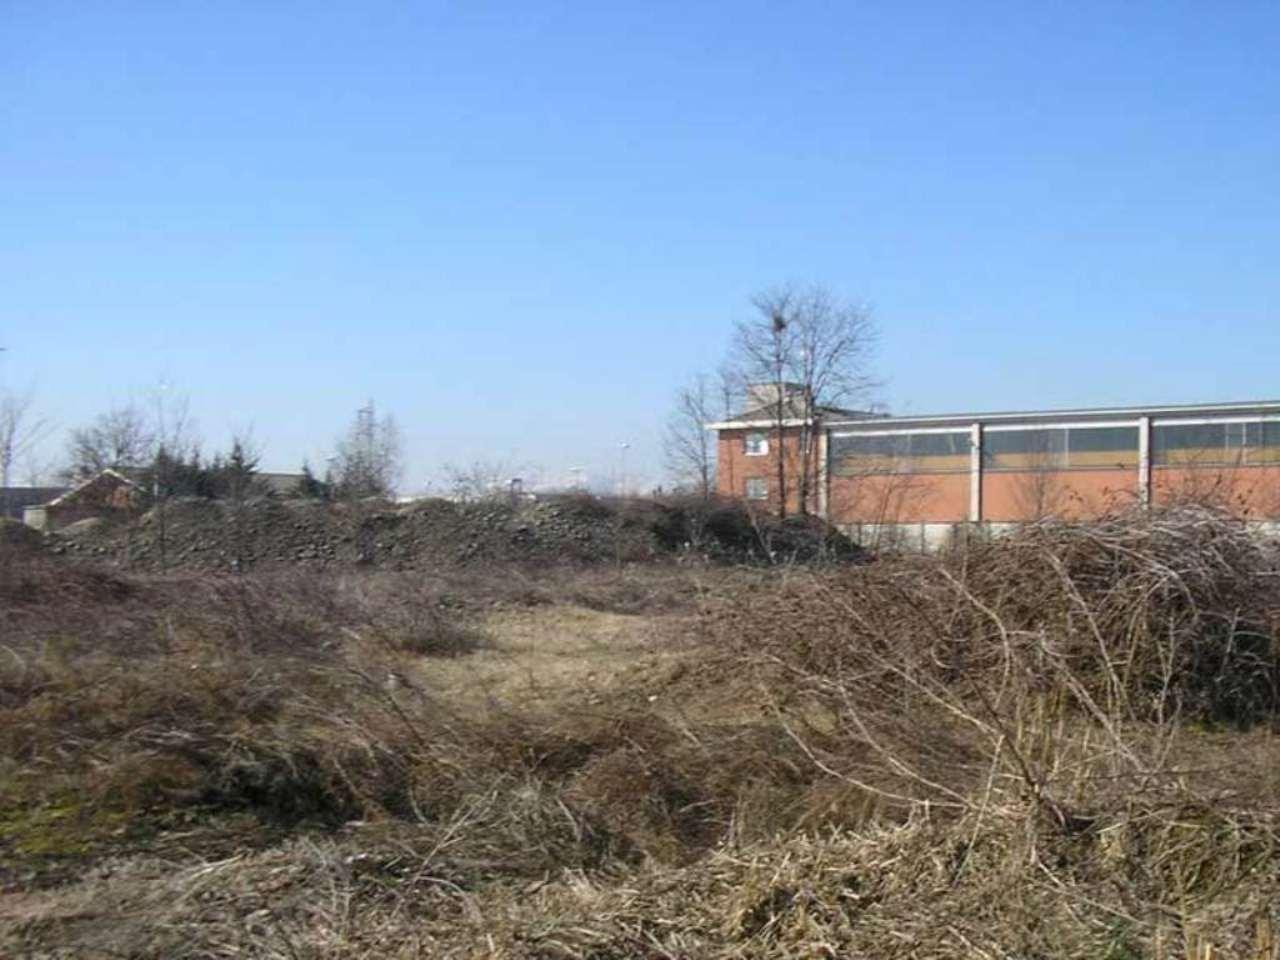 Terreno industriale in vendita - 12000 mq